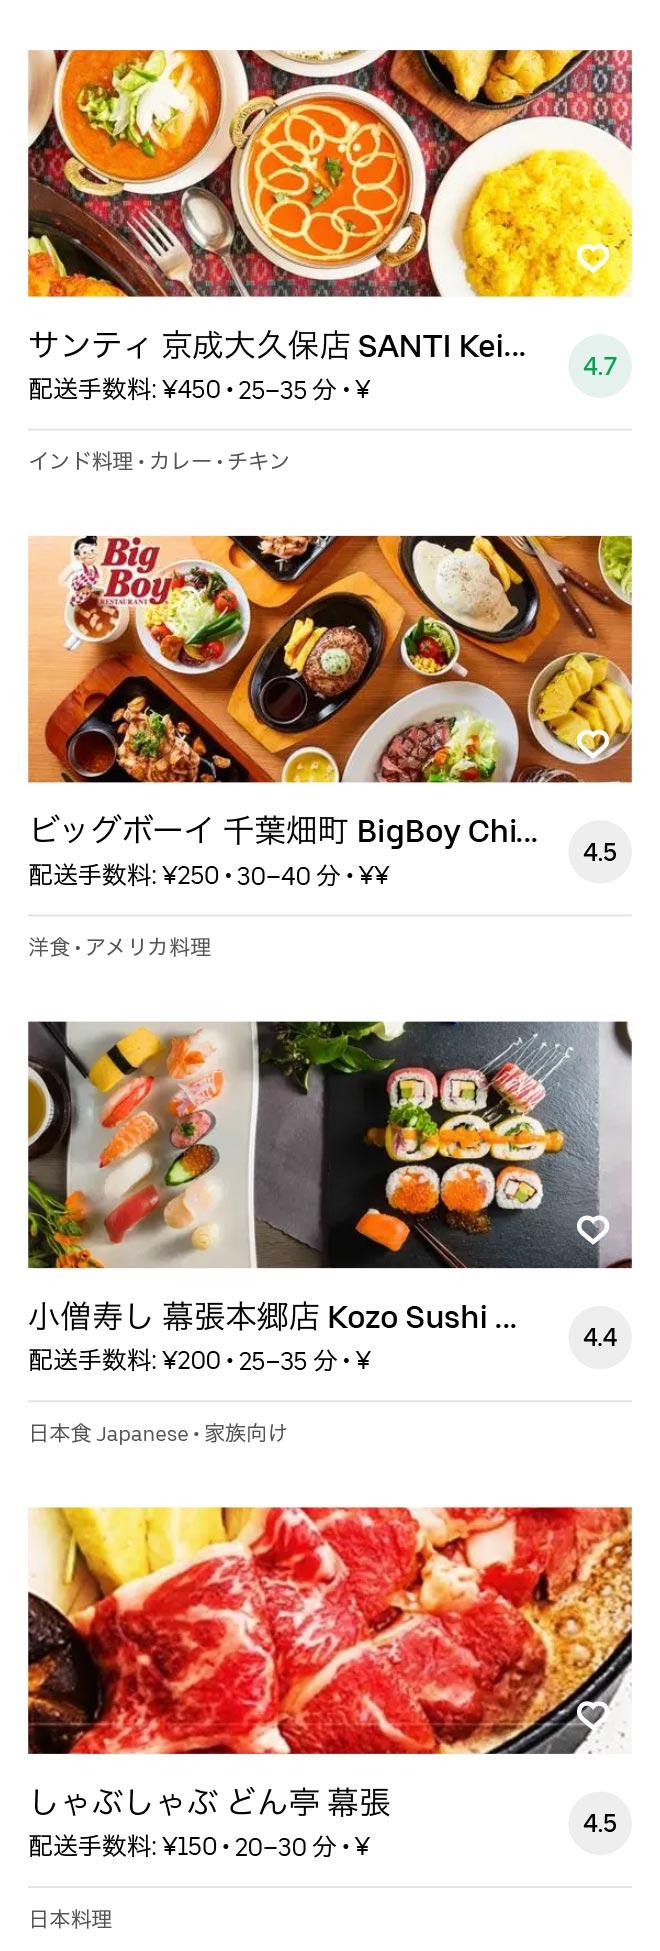 Makuhari menu 2010 10